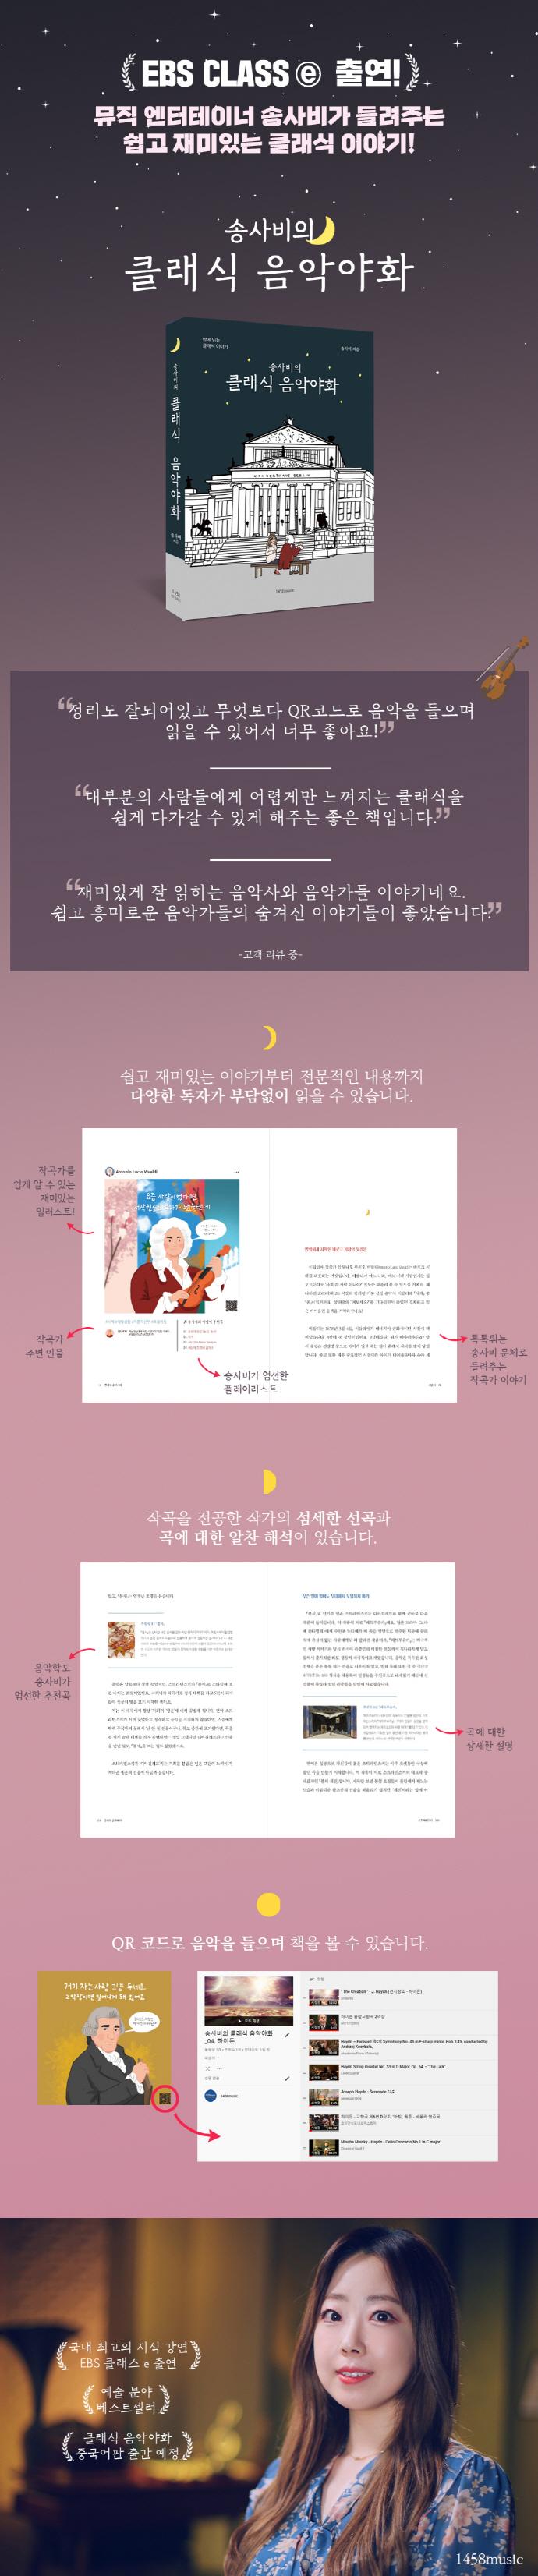 송사비의 클래식 음악야화 도서 상세이미지